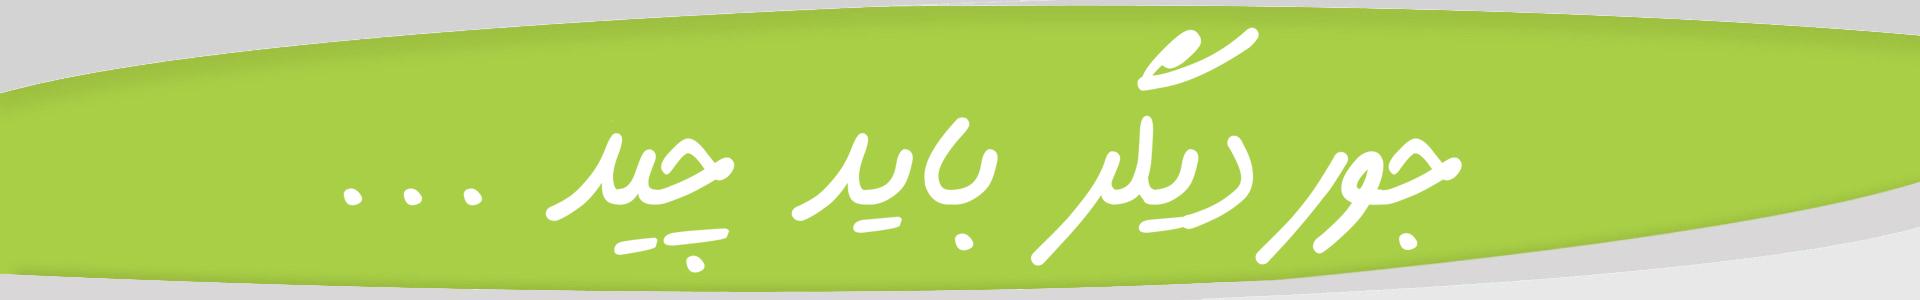 شعار لیدوما